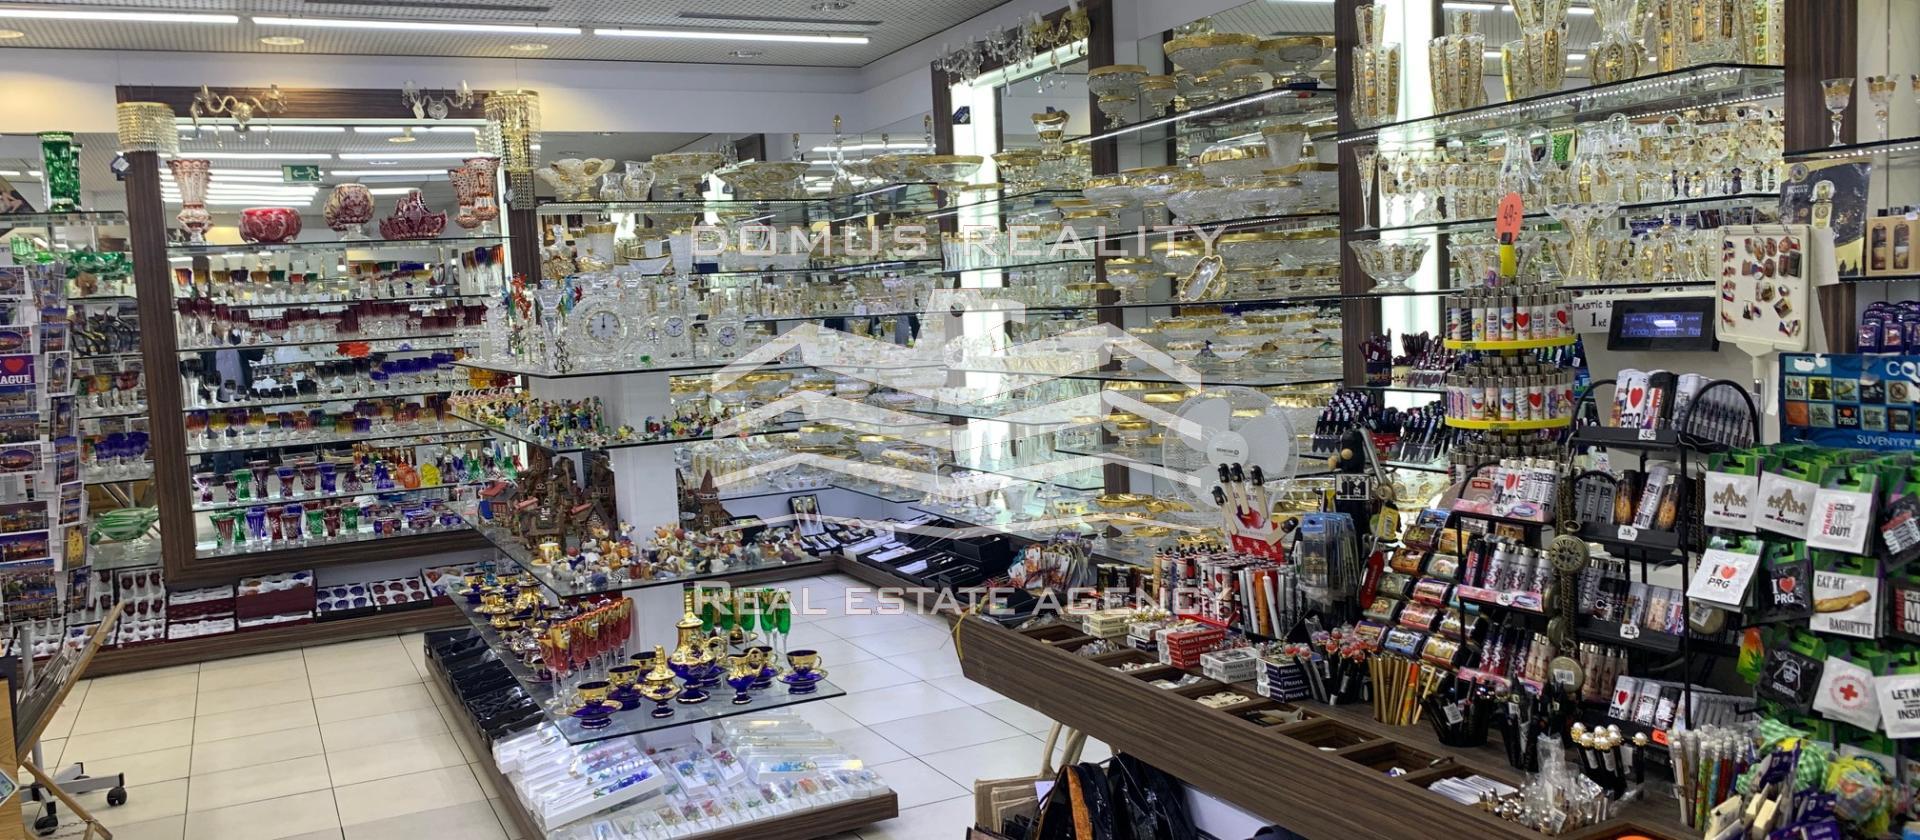 Dovolujeme si Vám nabídnout obchodní prostory o výměře 200 m2 , které se nacházejí na velmi frekventované ulici Mostecká